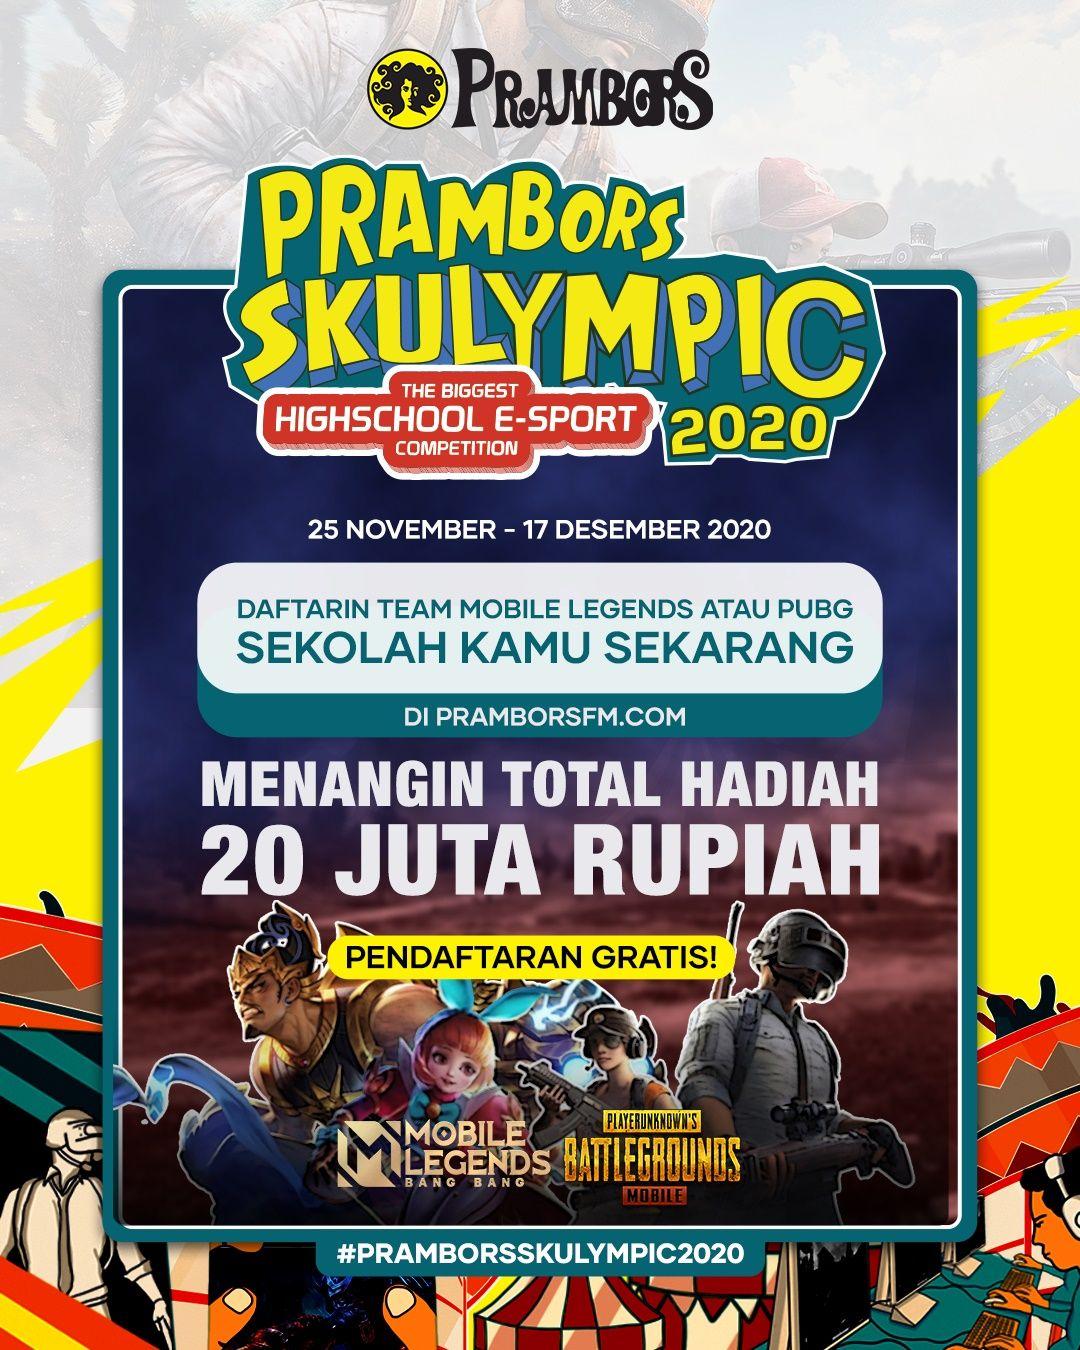 Dukung E-Sports Indonesia, Prambors Selenggarakan Kompetisi Skulympic